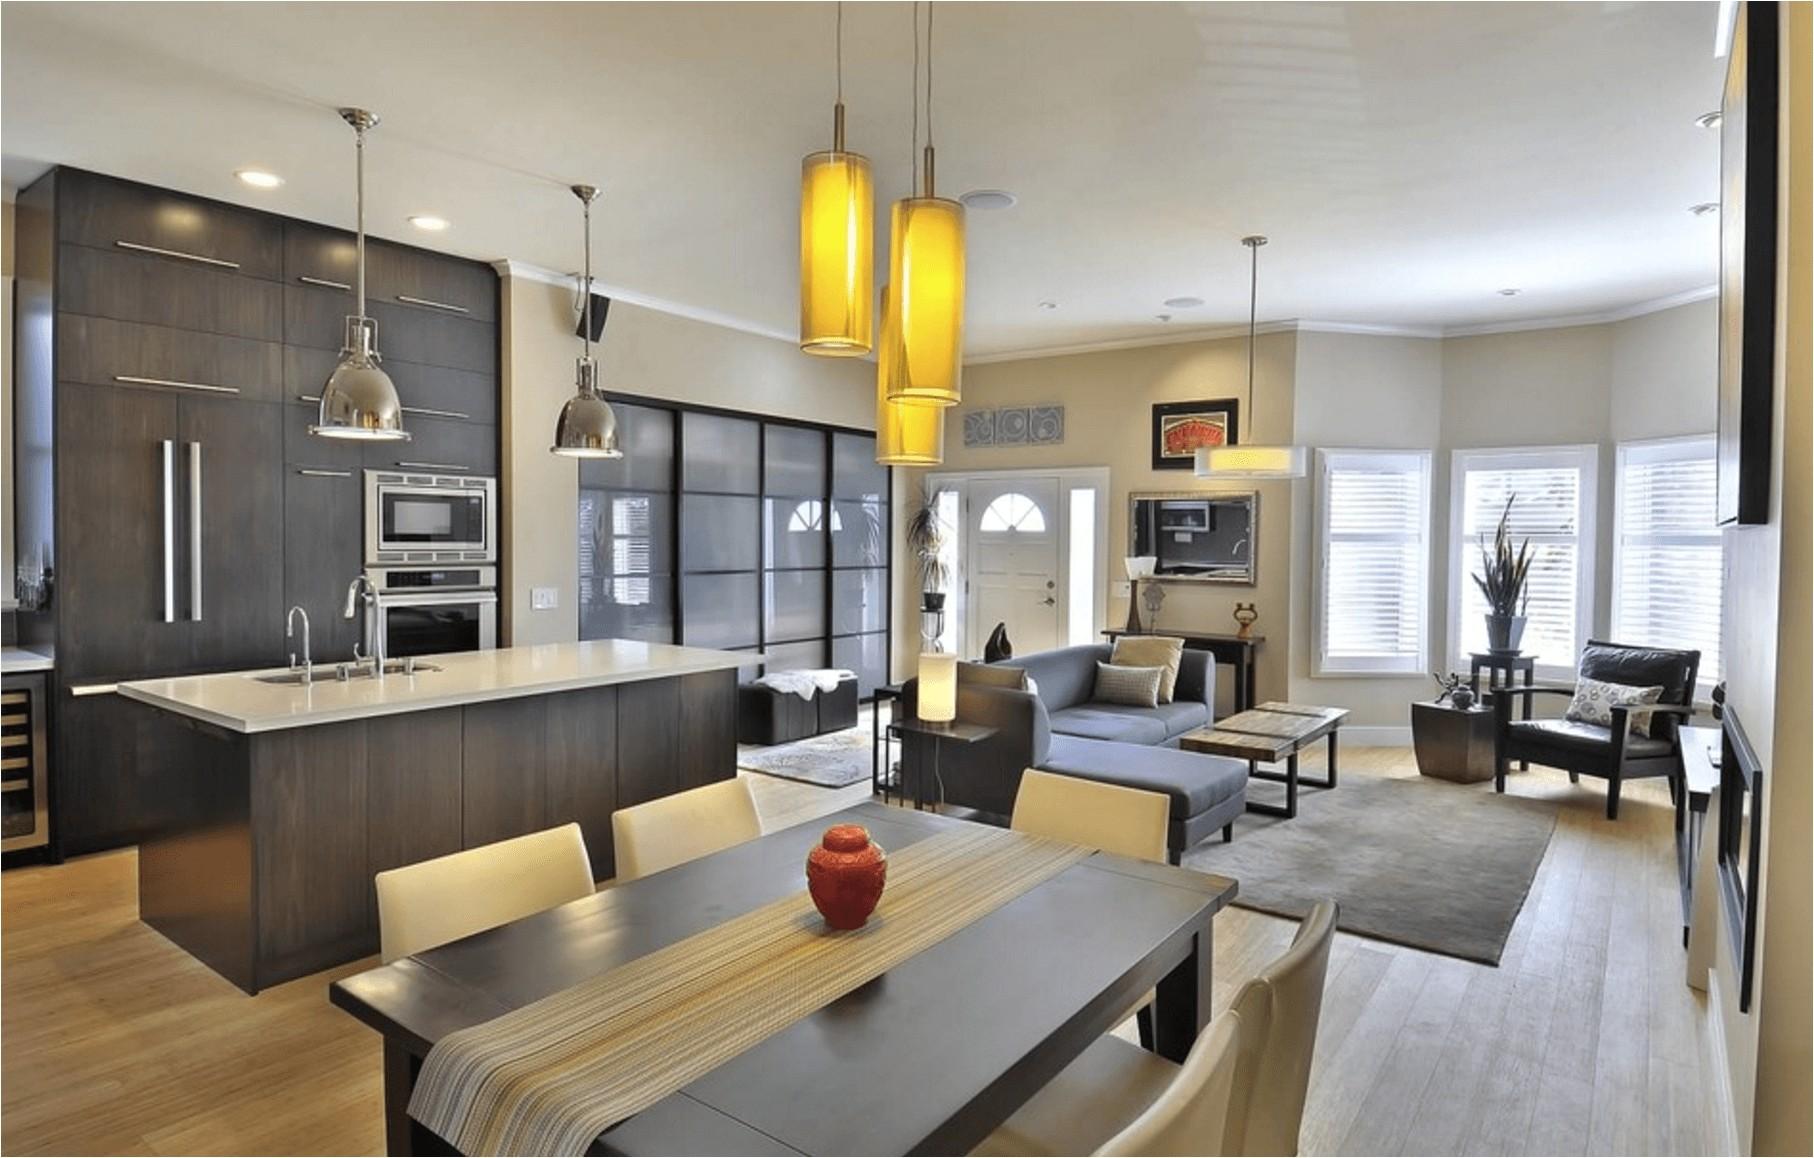 attractive open floor plan for home design ideas with open concept floor plans